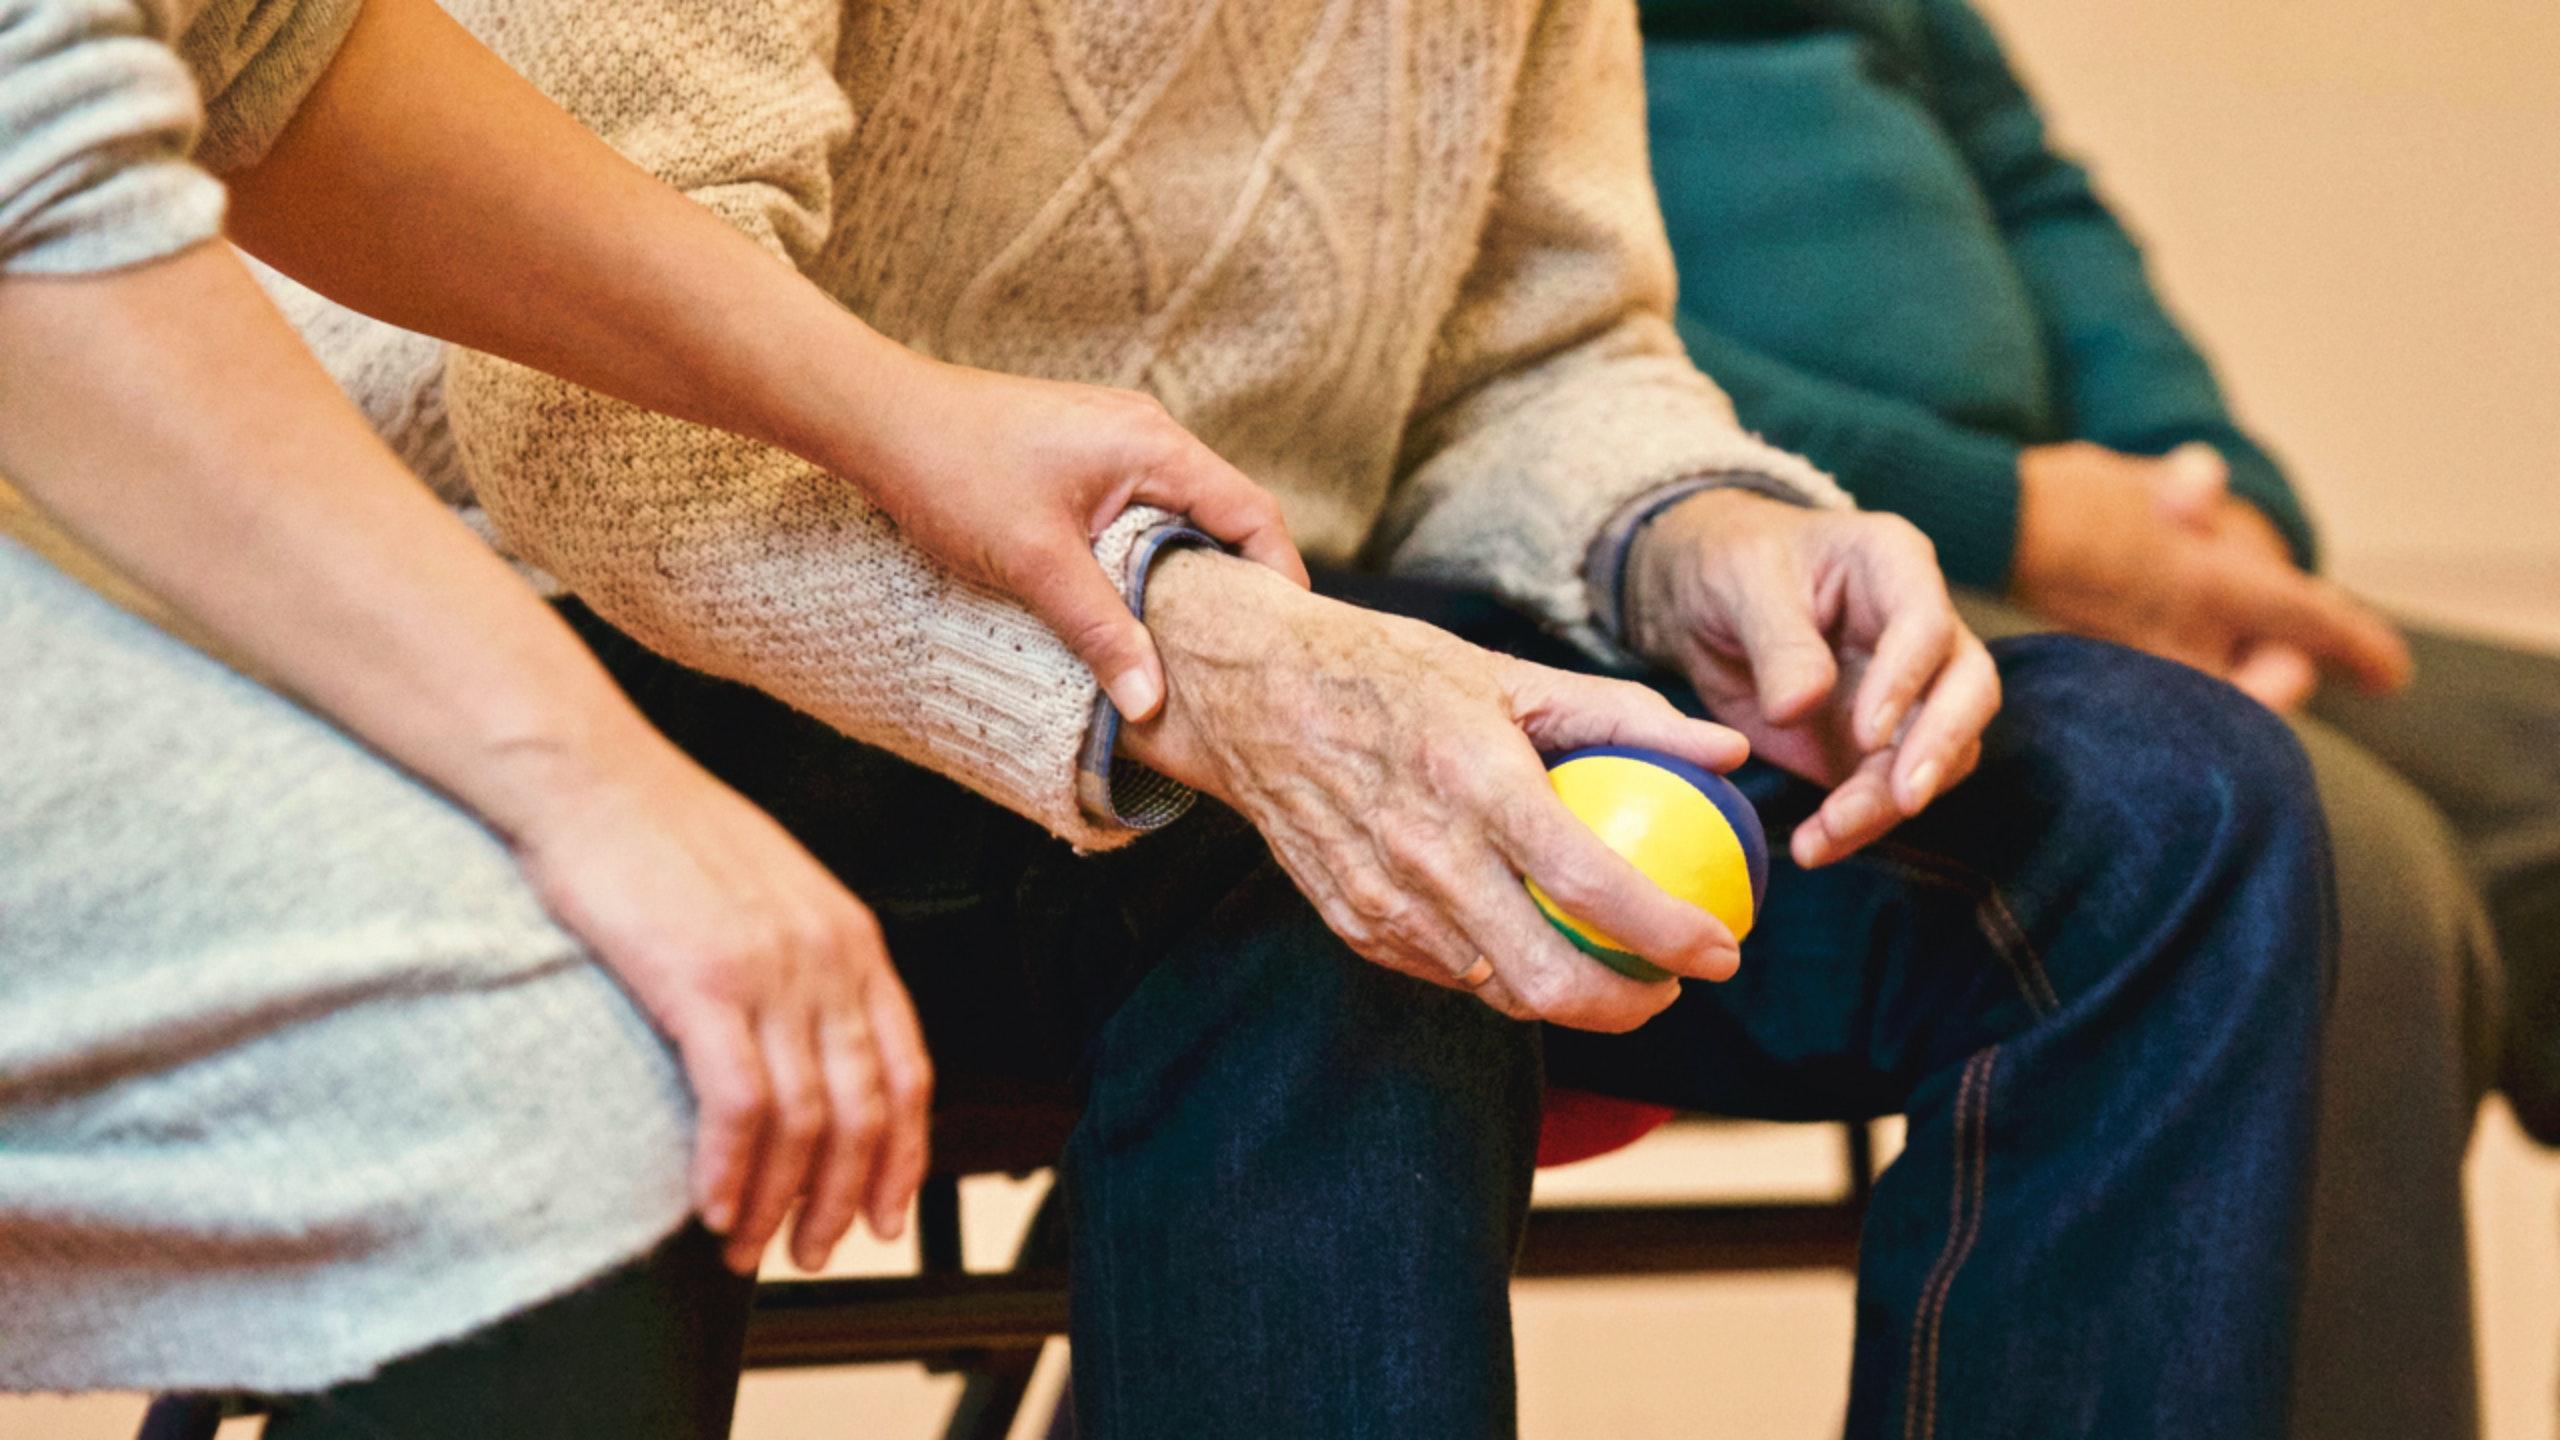 Eldre koronasyke diskrimineres - også mennesker som bor på sykehjem må få en individuell medisinskfaglig vurdering av behovet for sykehusinnleggelse